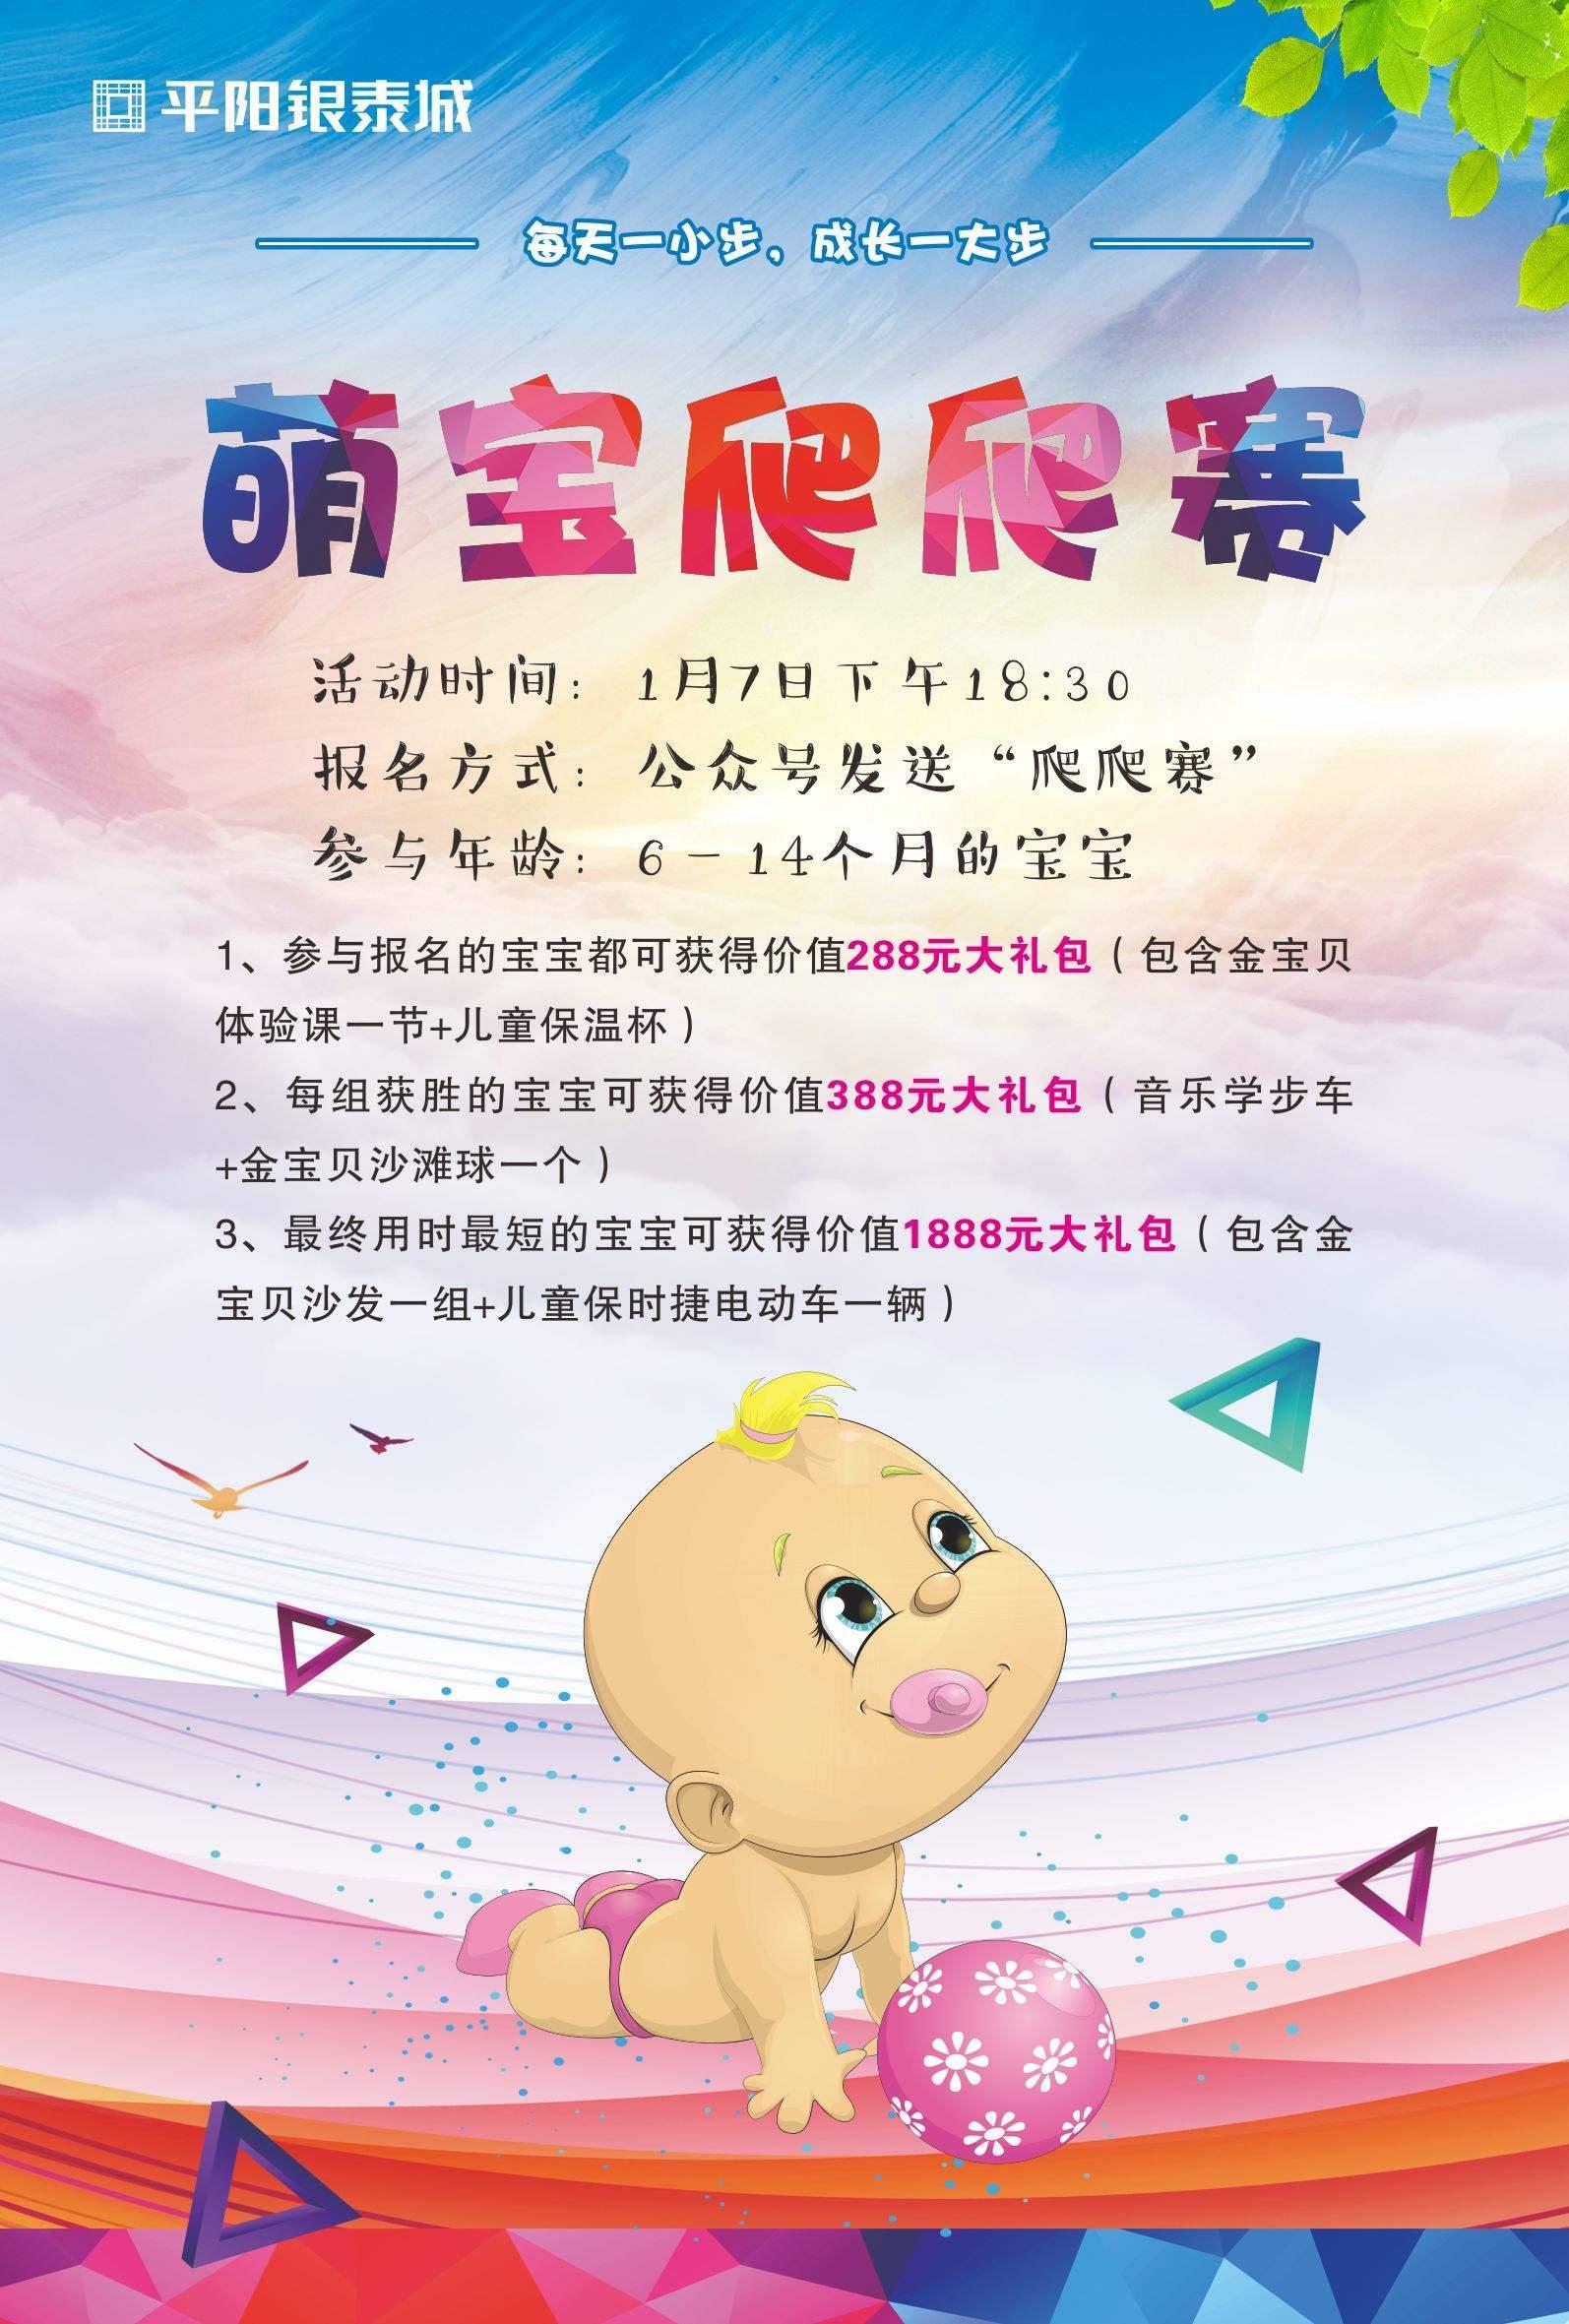 零点棋牌下载 v2.0官方正式版_ - pc6下载站 来源:天下杂志 时间:2013年10月30日 一场「红色供应链」风暴,正在冲击台湾科技业的未来。 向来以完整电子产业链称霸全球的台湾,正被崛起的中国本土厂商卡位、取代。.我买了1年v计划,结果被冻结了账号,连游戏都玩不了了,我晕,一个充了钱,不能玩的游戏 风暴大陆是一个骗钱的游戏,请大家不要上当 ,360游戏论坛